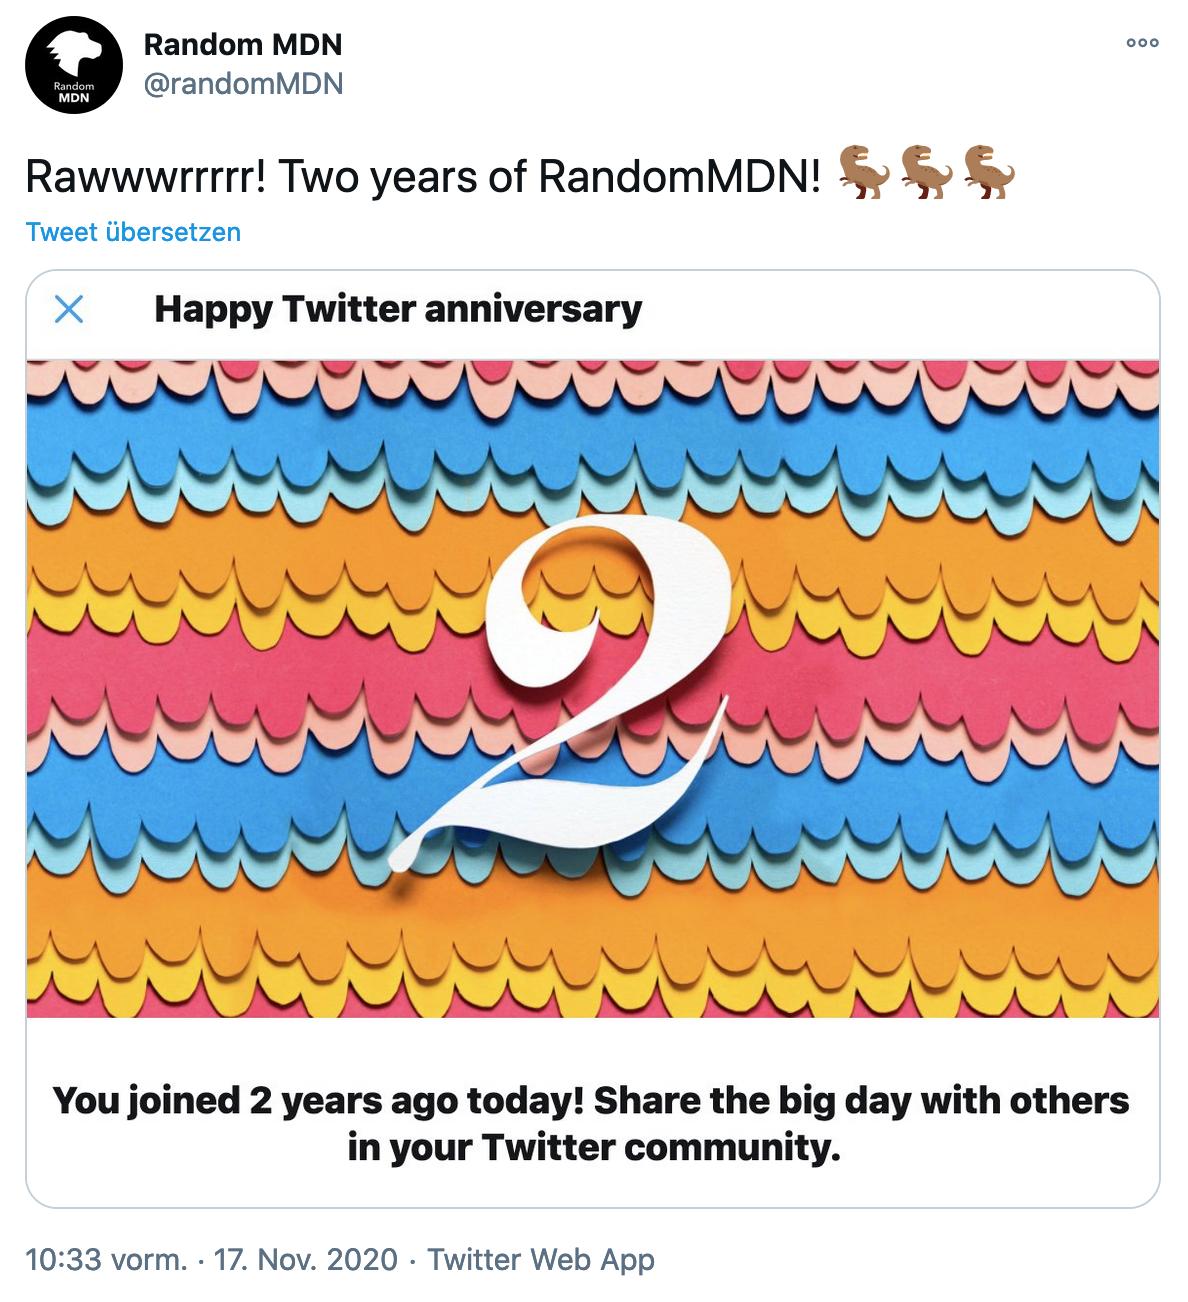 Tweet showing that @randommdn turned 2